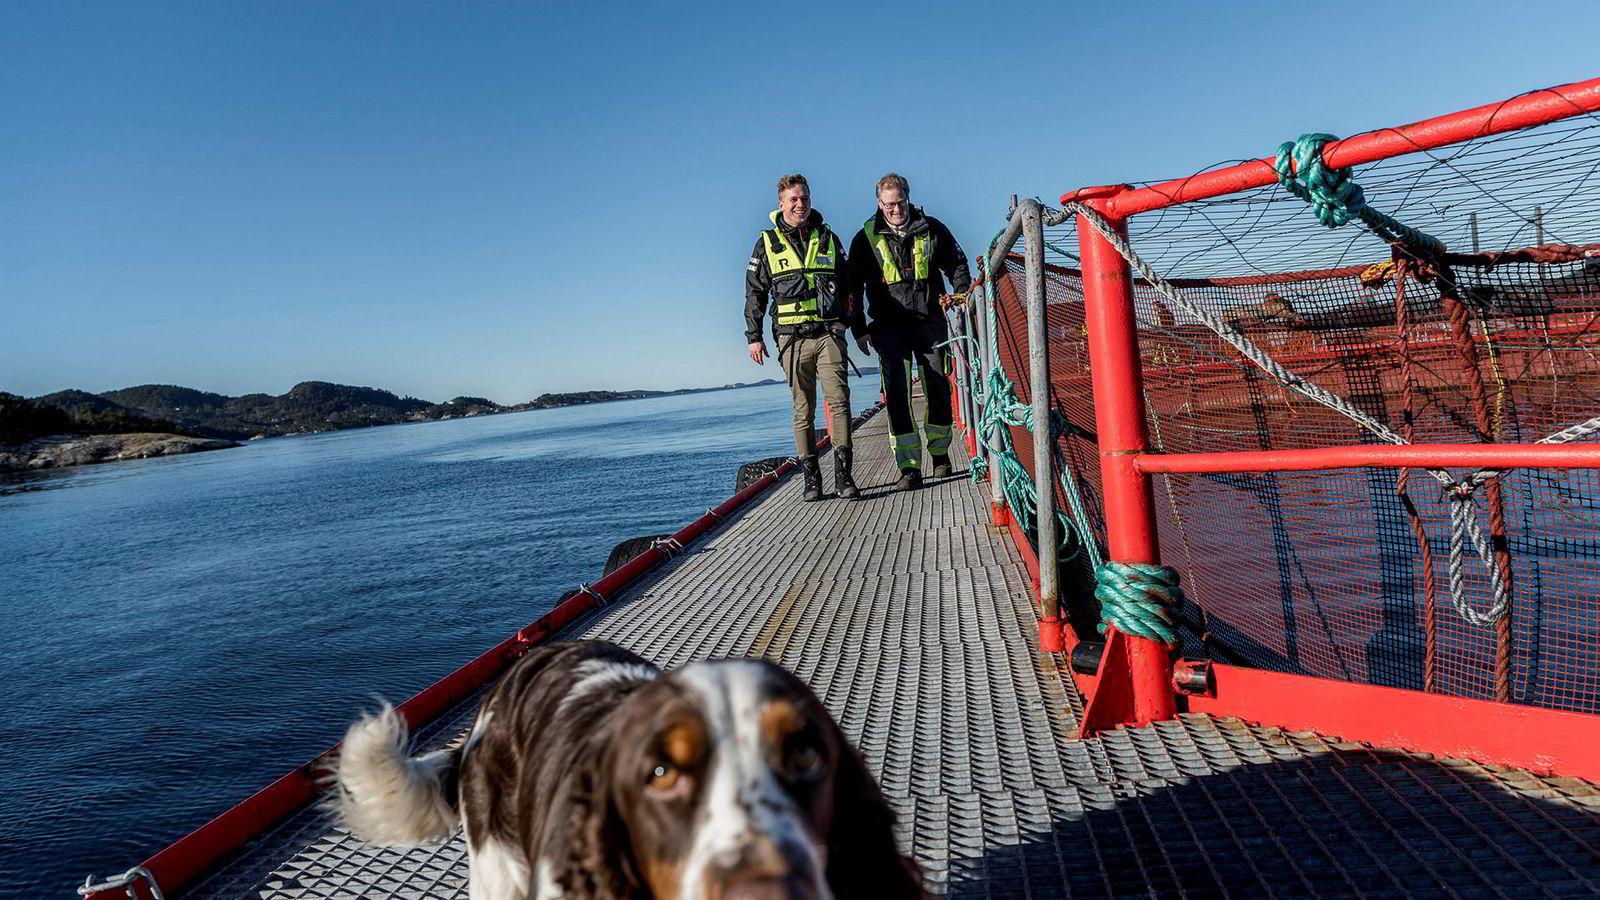 Her på Indre Slettevikneset oppdrettsanlegg har Blue Lice installert oppfinnelsen de mener er løsningen på problemet med lakselus. Lars-Kristian Opstad i Blue Lice (til venstre) vil derimot ikke si hva den består av eller vise den frem til DN. Til høyre Eirik Svabø, driftsleder i Bremnes Seashore.